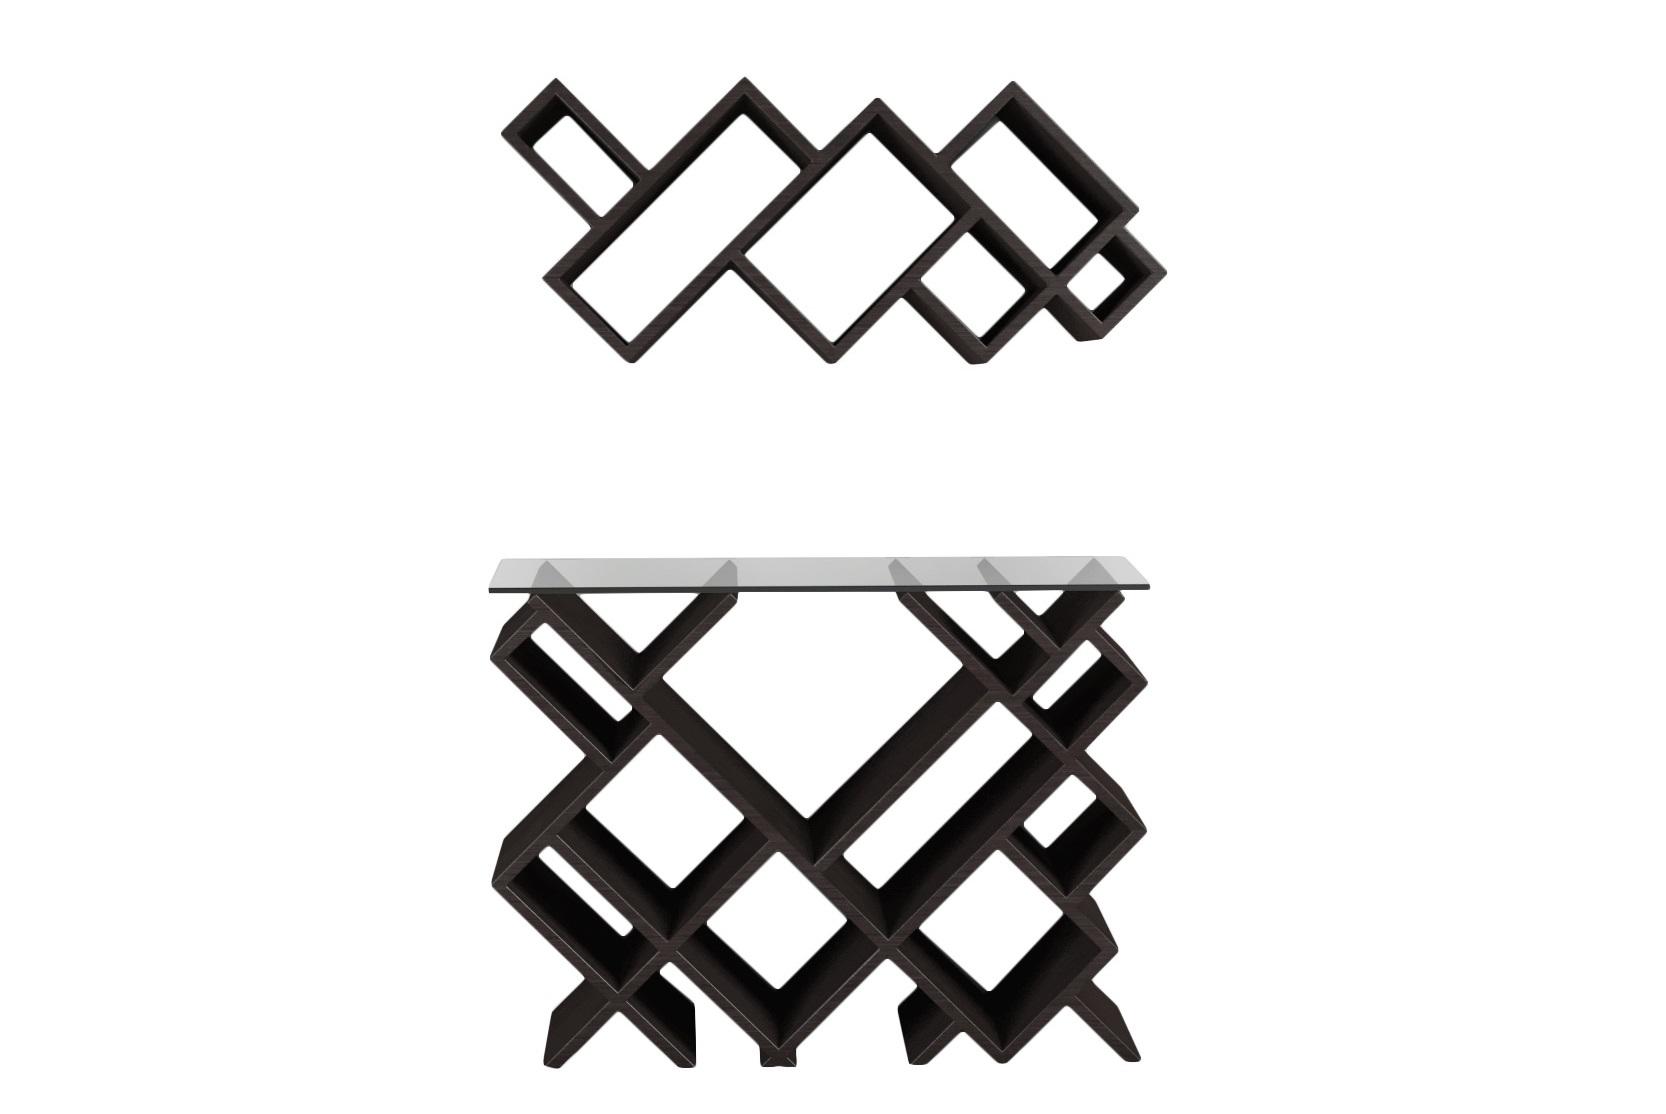 Комплект ГеометрияКомплекты мебели<br>Необычные, современные полка и столик преобразят ваш интерьер! <br>Размеры: <br>Верхняя часть - 85x 37x 24см<br>Нижняя часть - 85x 67x 24см<br>Материал: МДФ, шпон